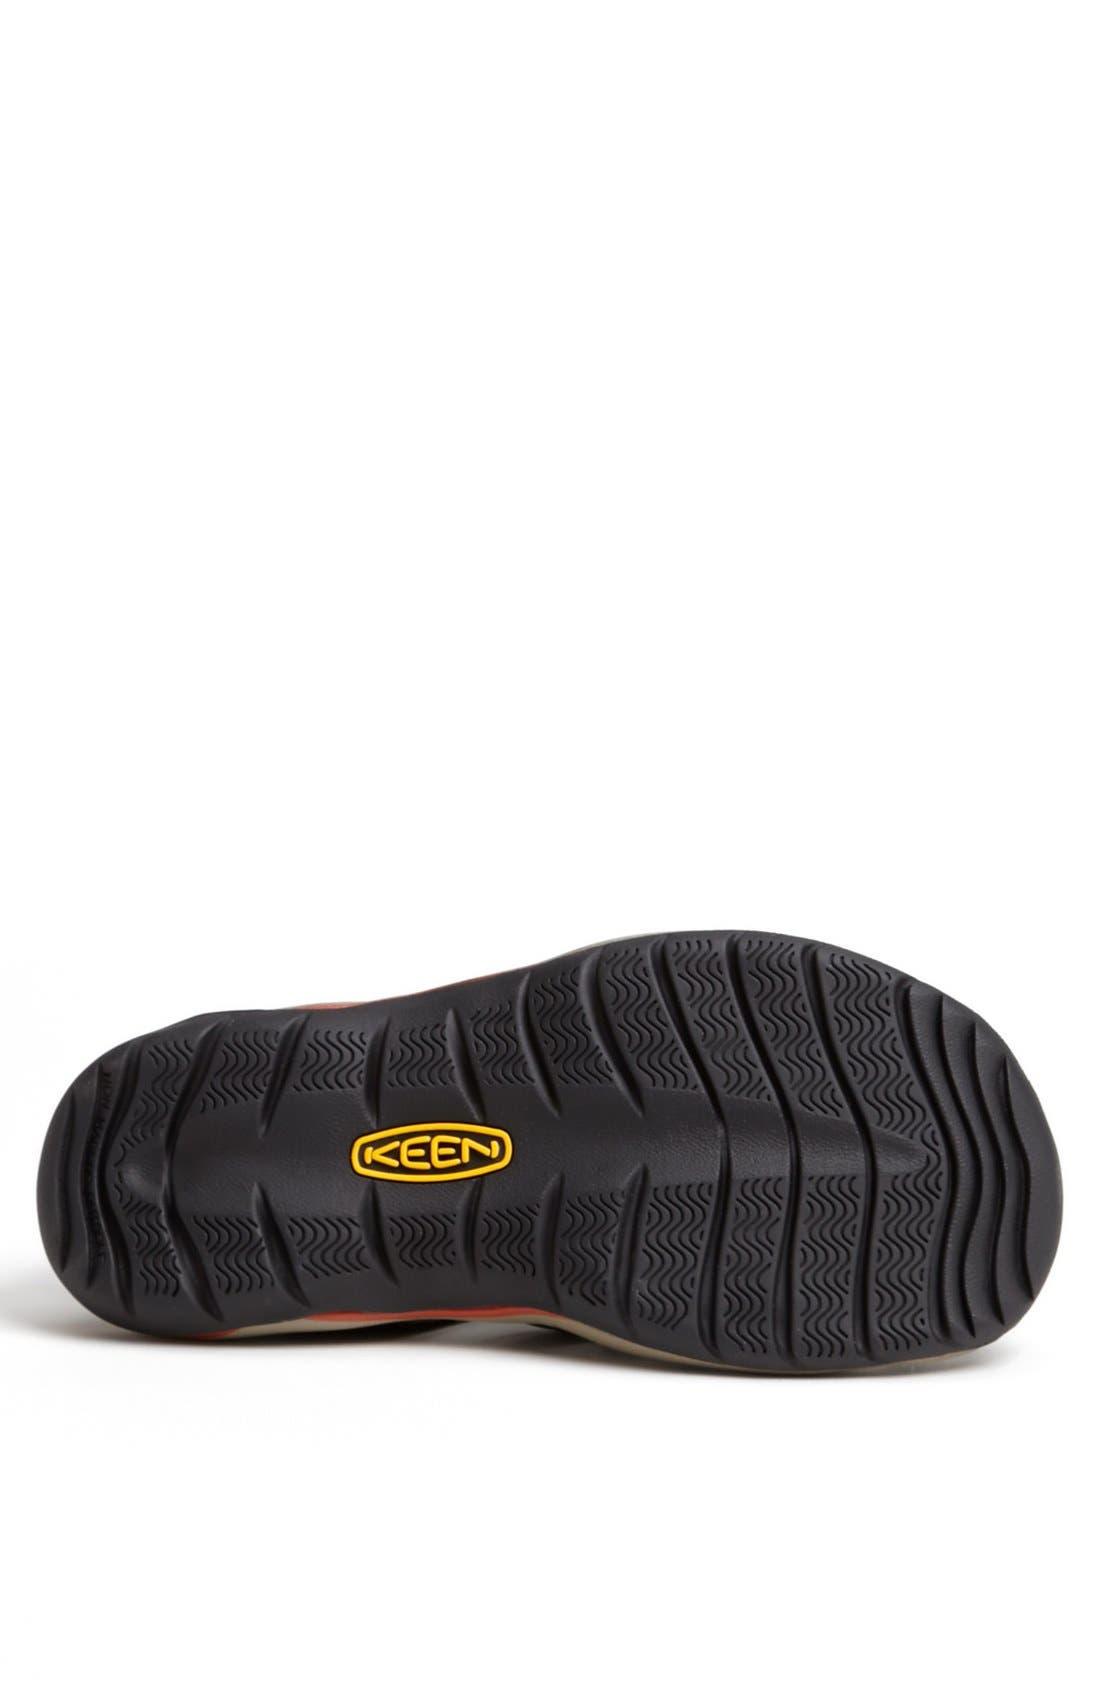 Alternate Image 4  - Keen 'Kanyon' Waterproof Sandal (Men)